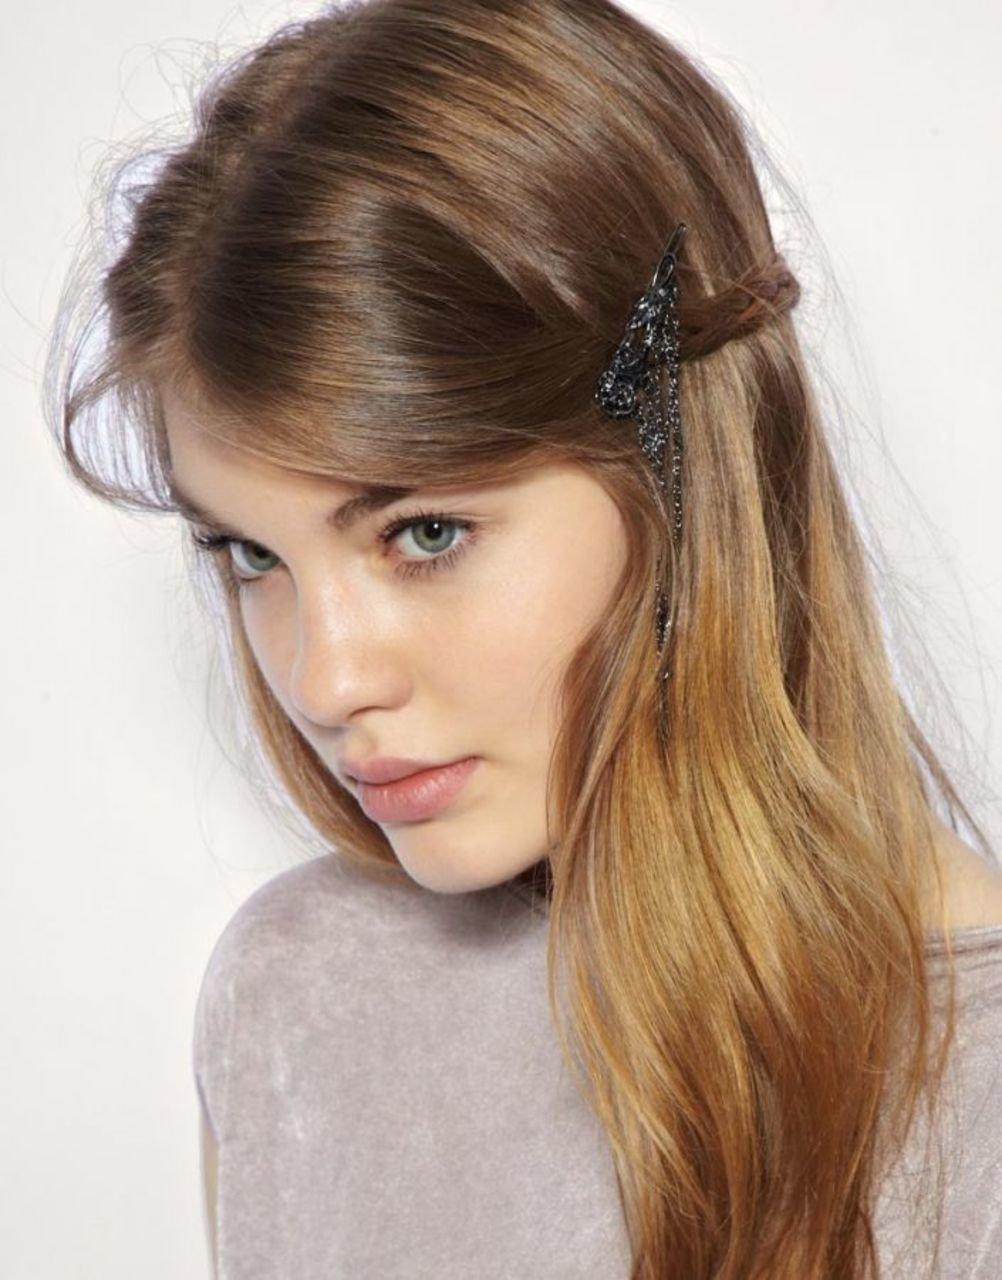 Пшенично-русый цвет волос, фото hair fresh